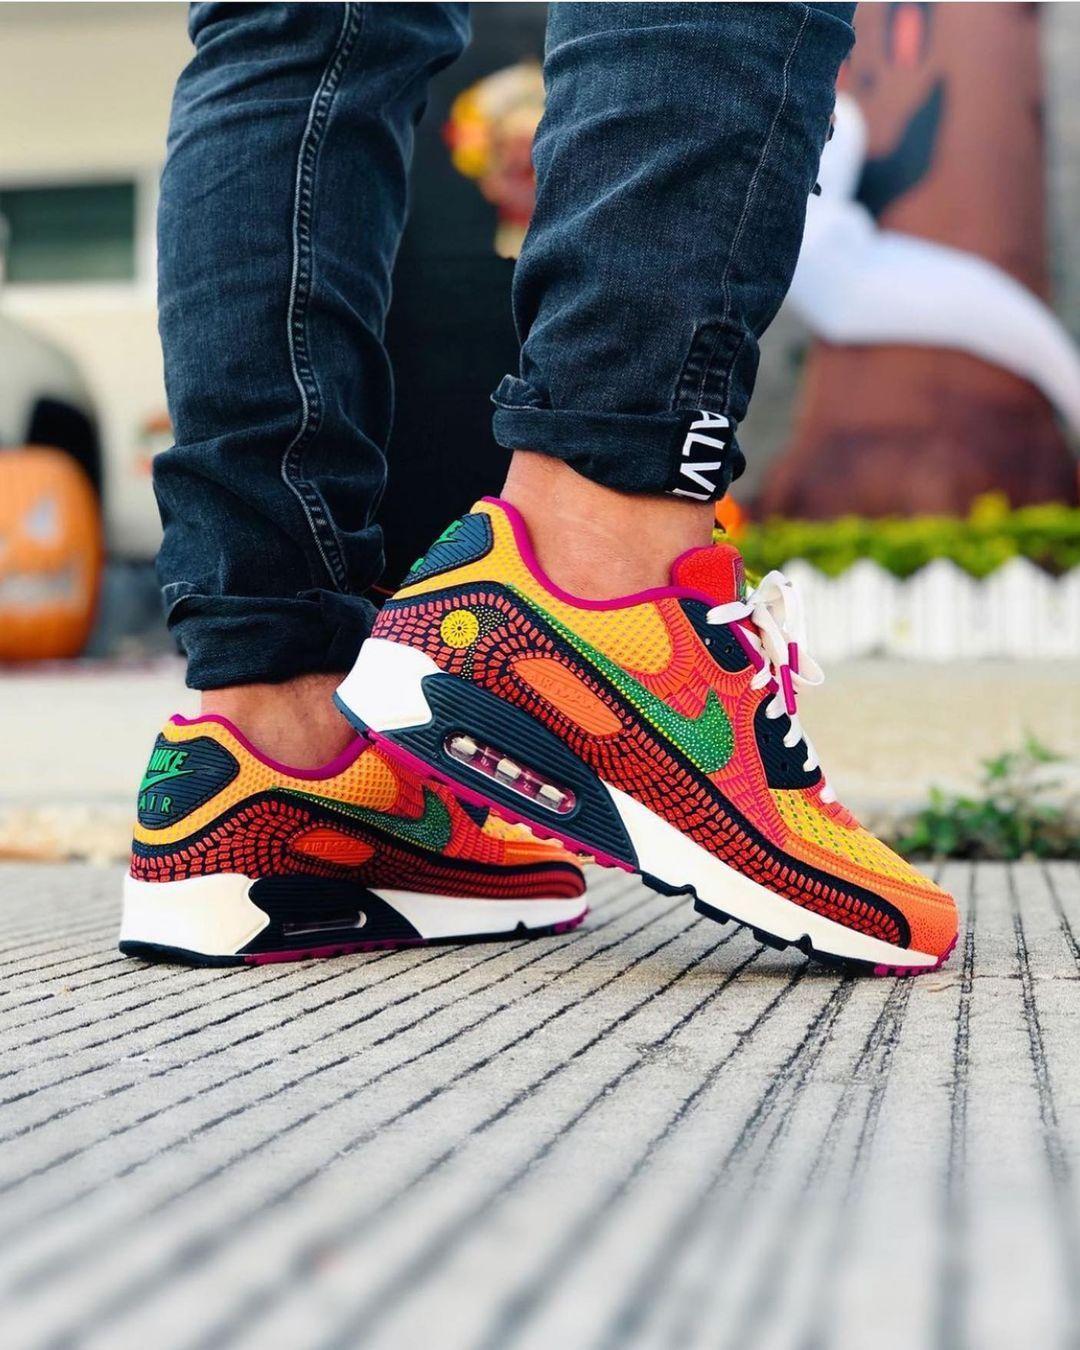 Nike Airmax 'Dia de Muertos' • Loving this shot from ...